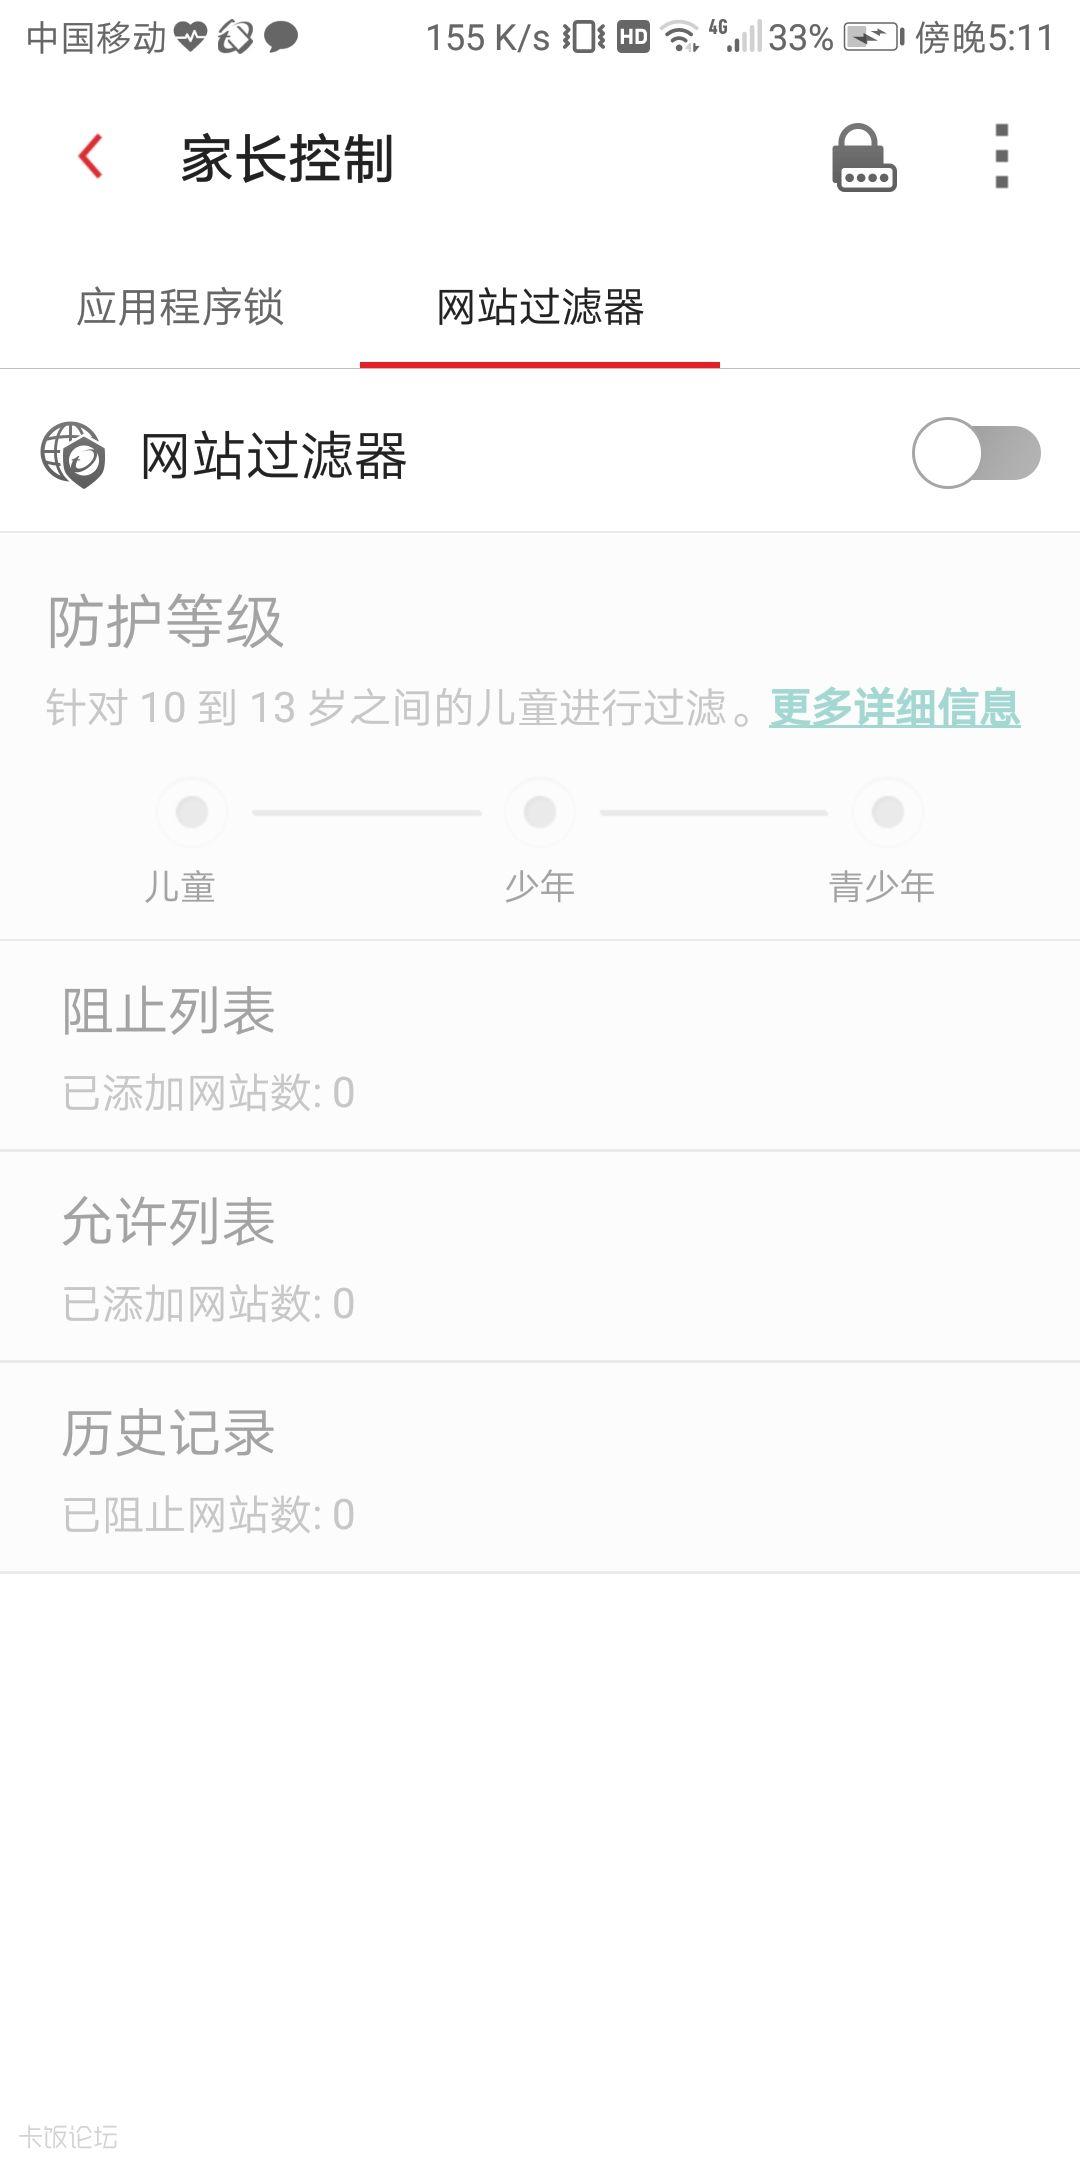 Screenshot_20190423-171111.jpg